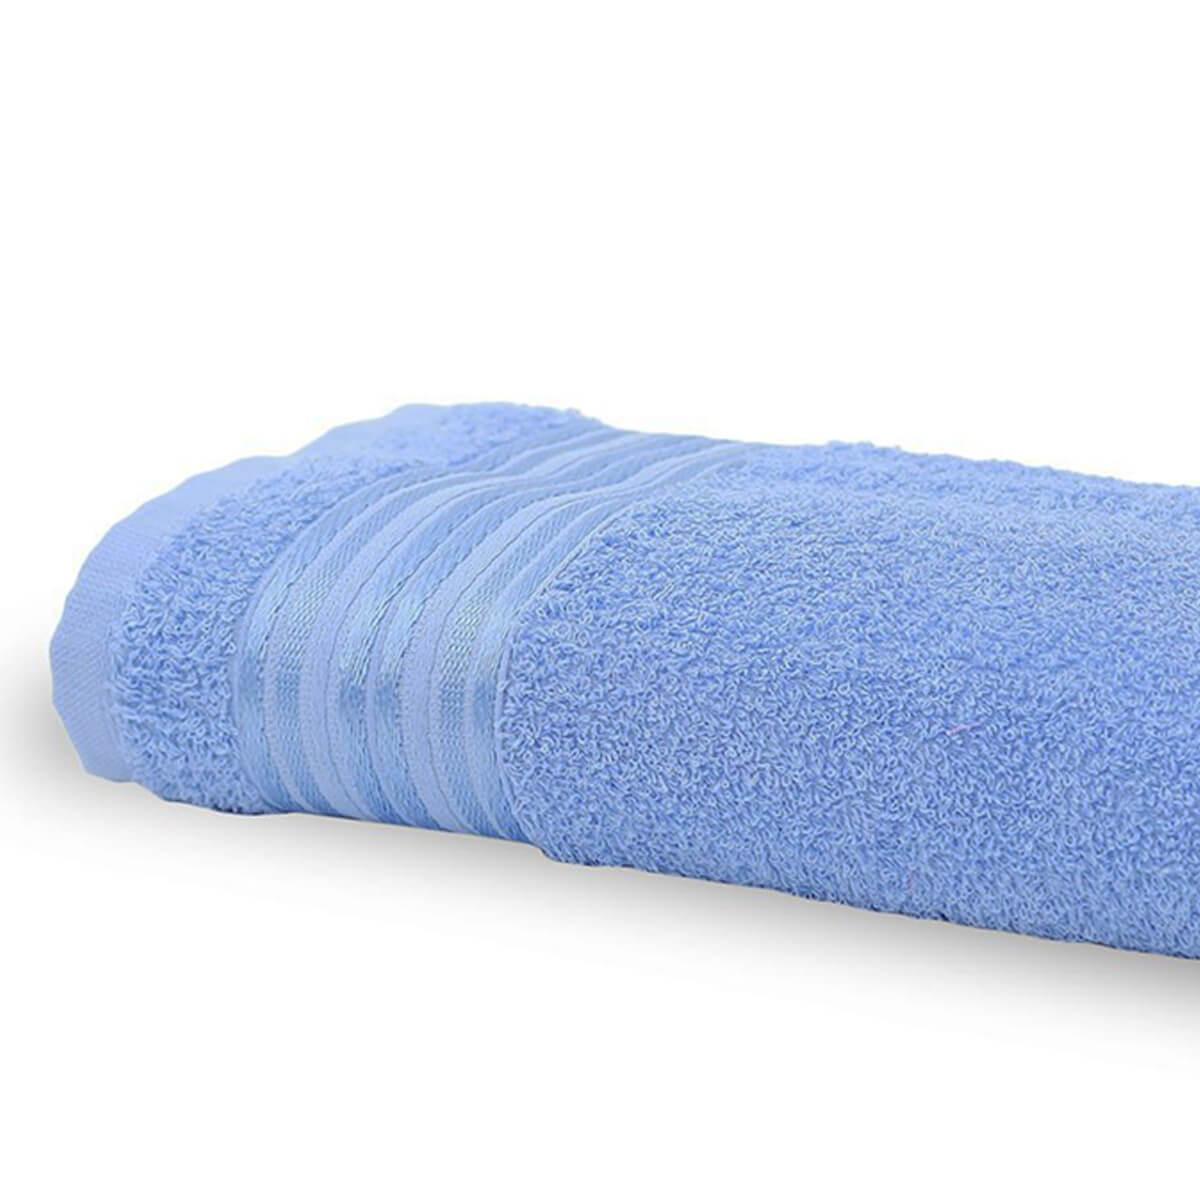 Toalha de Banho Royal Bright Azul